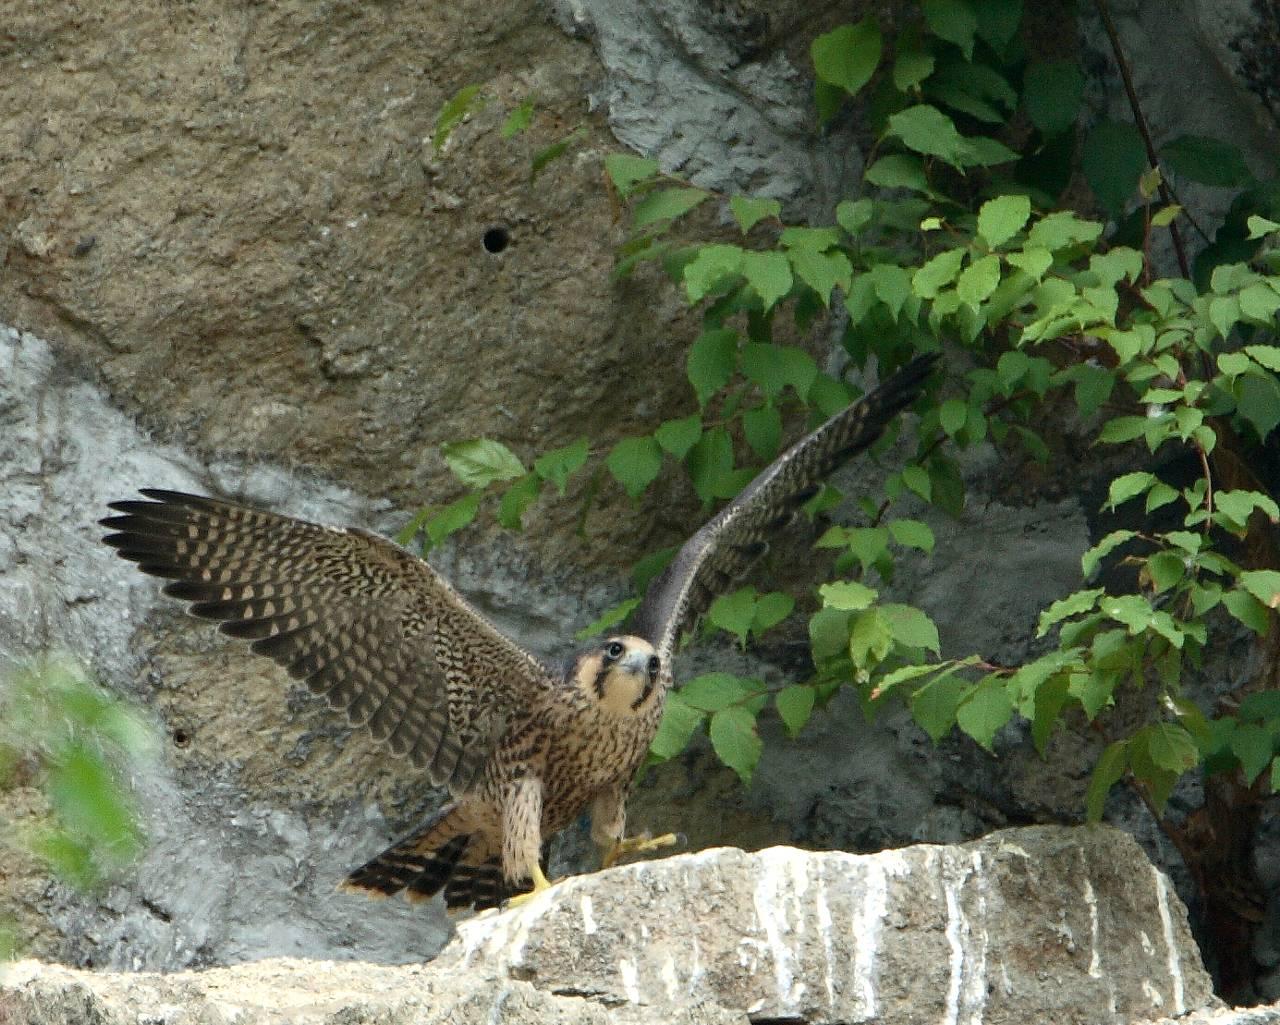 可愛い猛禽?巣立ったばかりのハヤブサ幼鳥飛行練習_f0105570_2159921.jpg